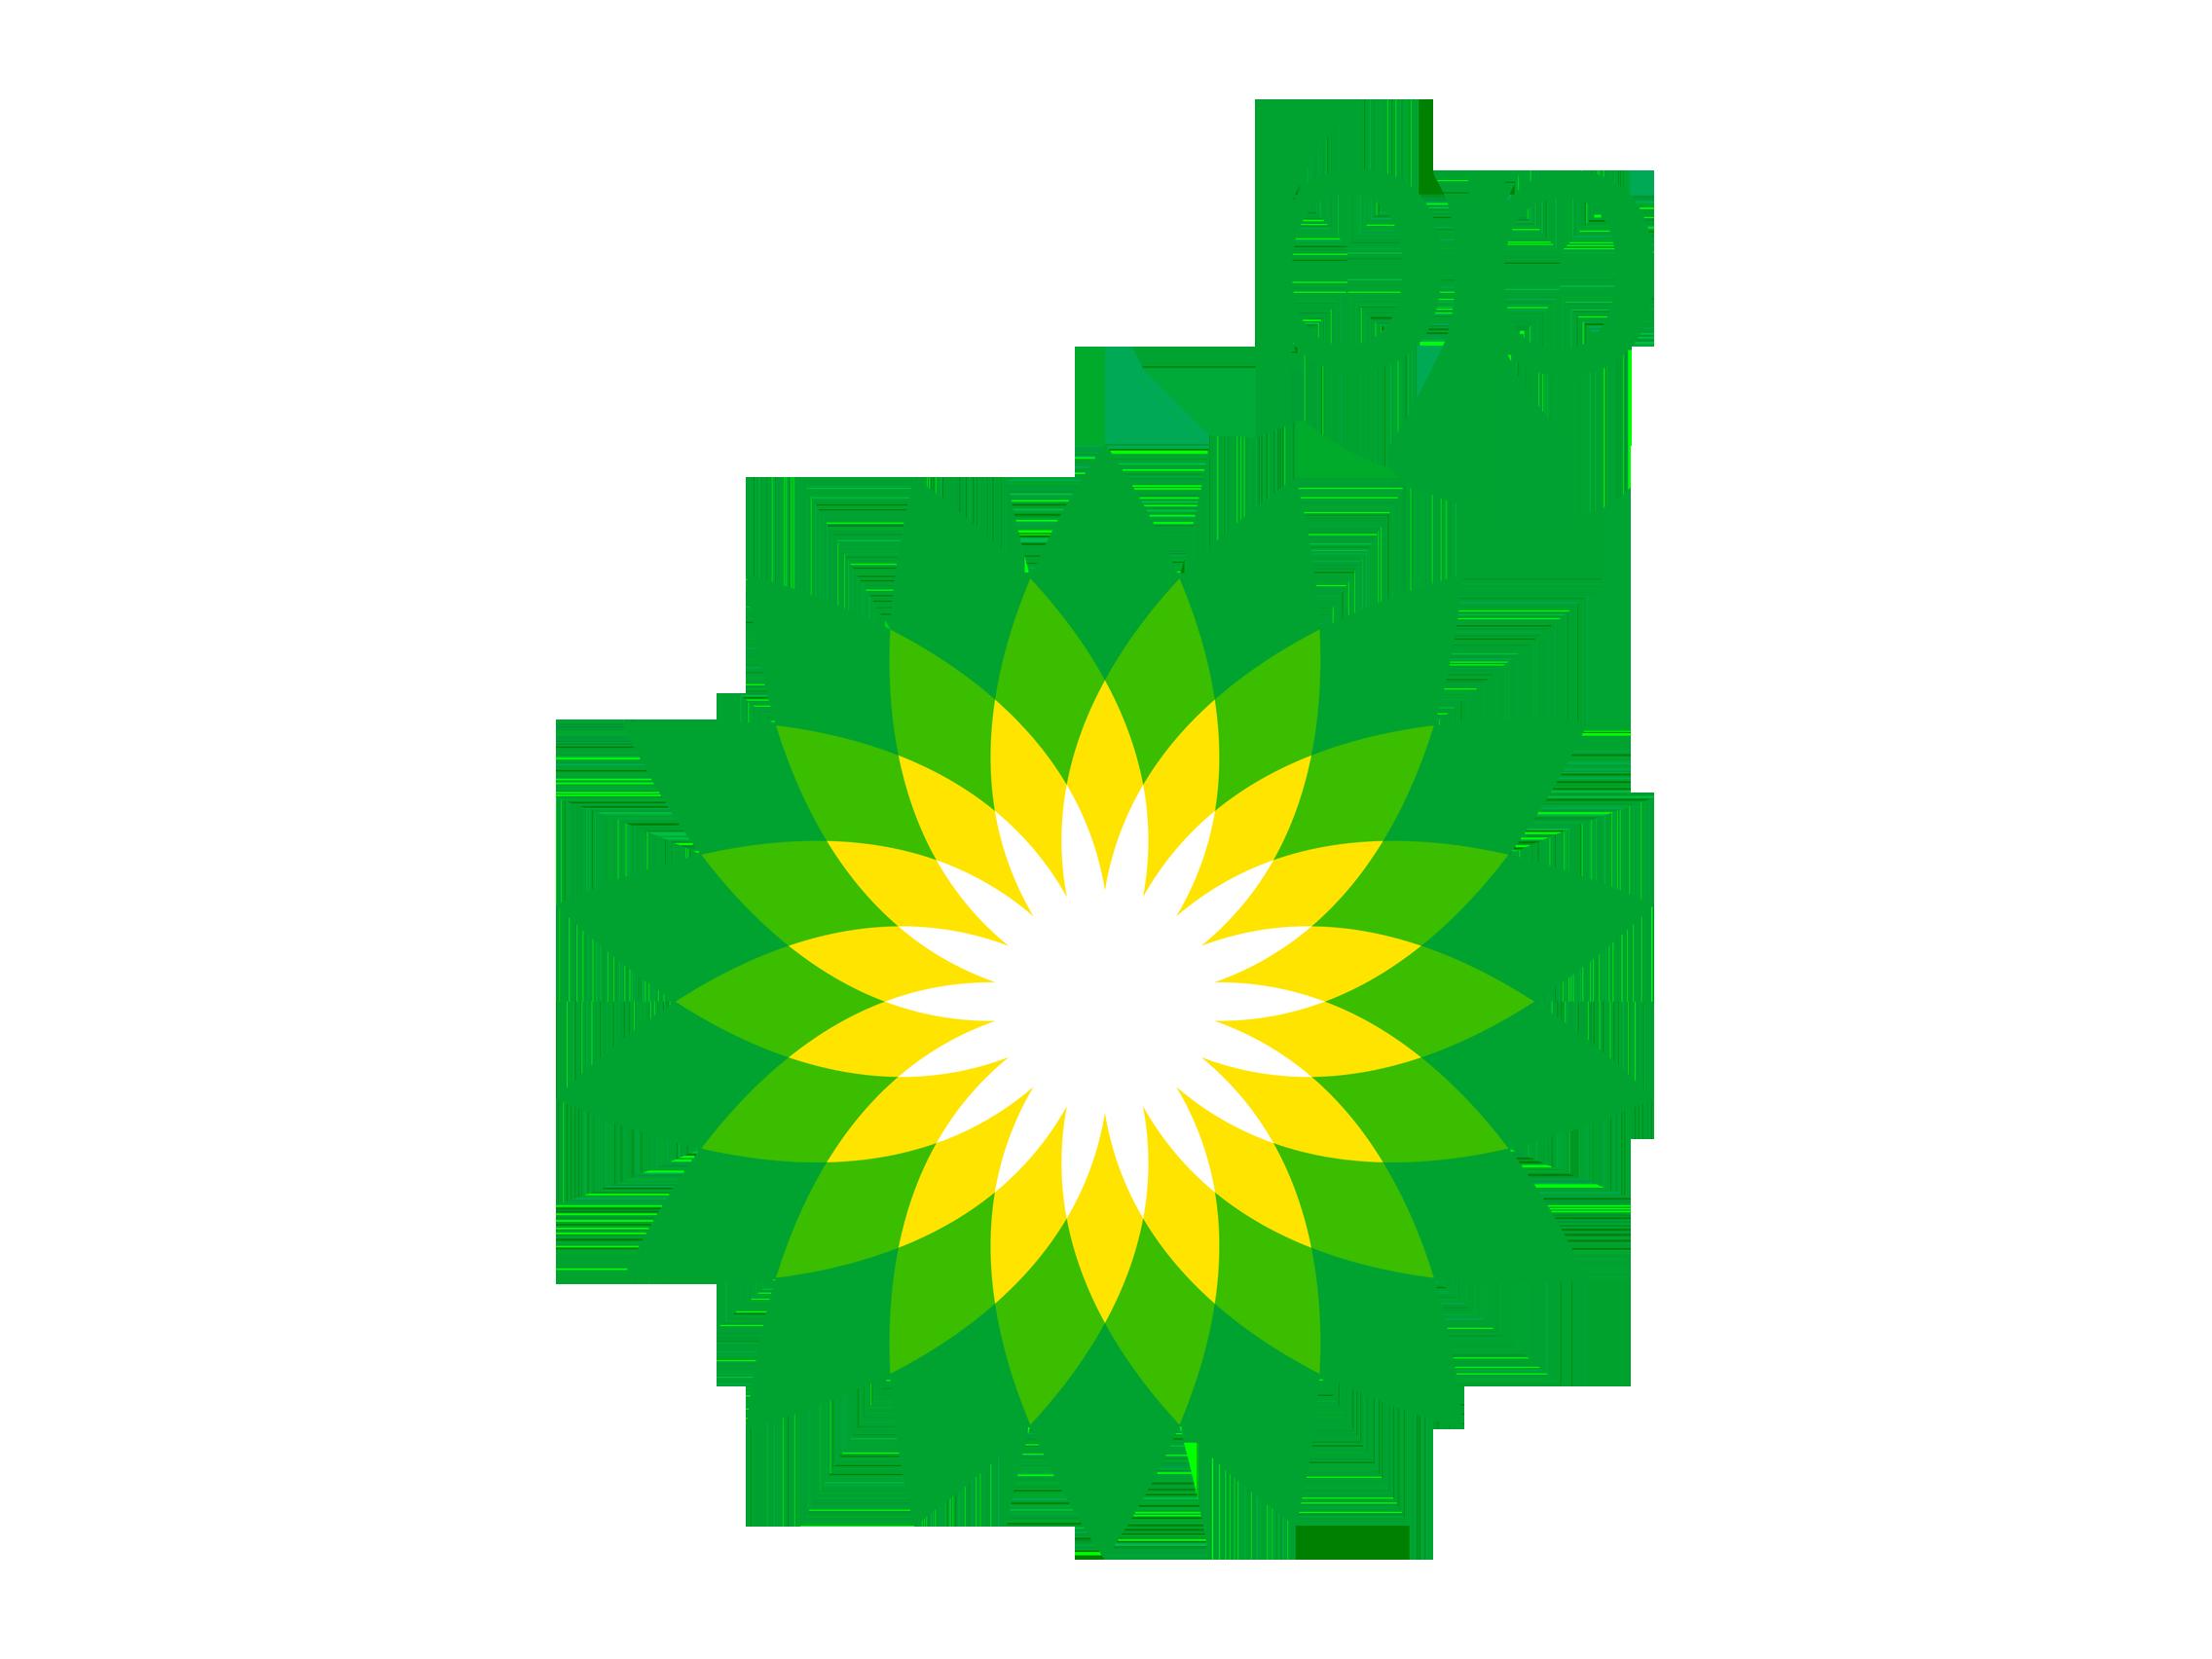 BP logotype Wallpaper